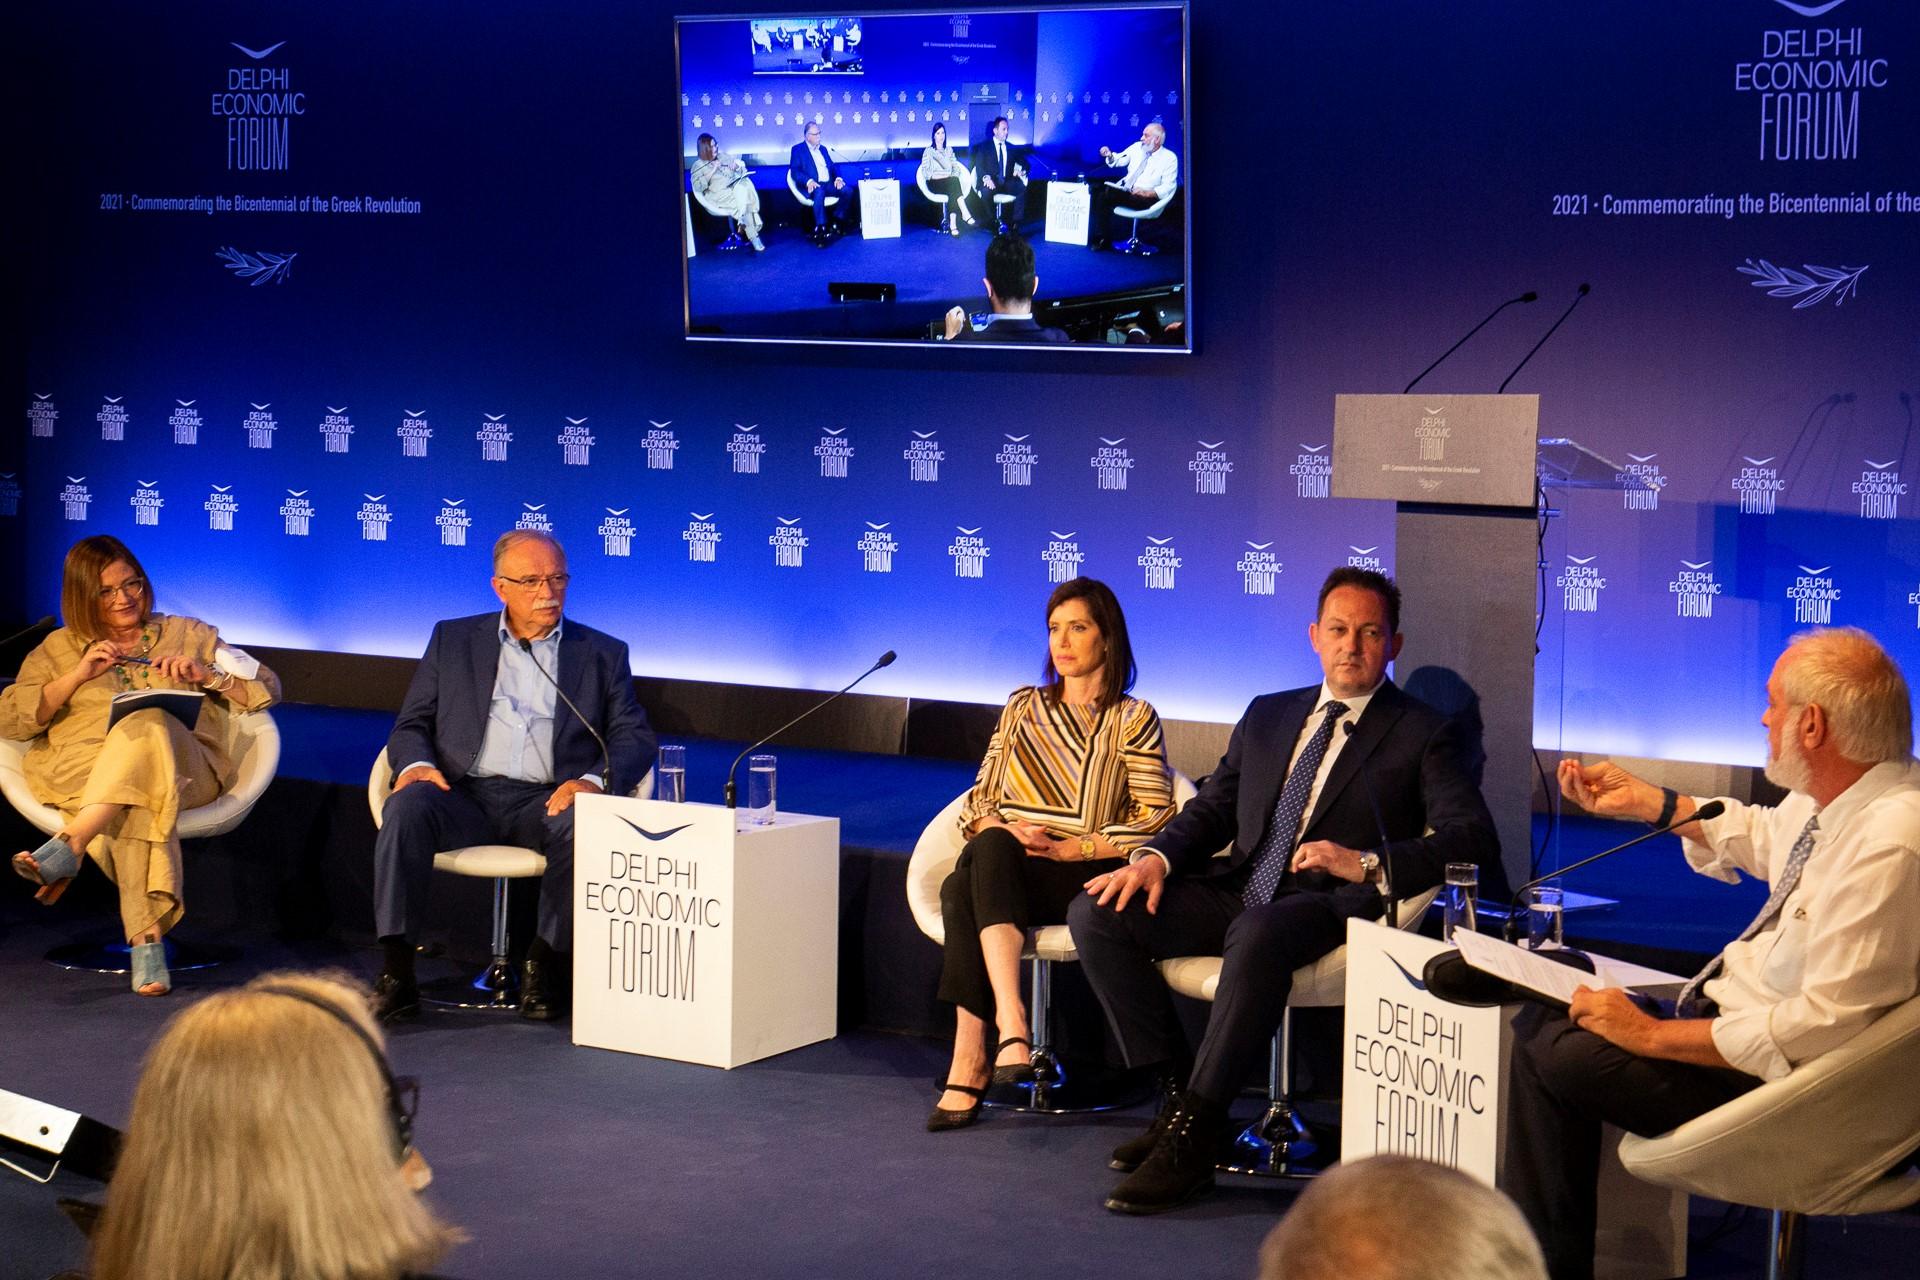 «Διάσκεψη για το μέλλον της Ευρώπης»: Είναι αυτή η φιλόδοξη προσπάθεια αρκετή για να γεφυρωθεί το δημοκρατικό έλλειμμα της Ε.Ε.;